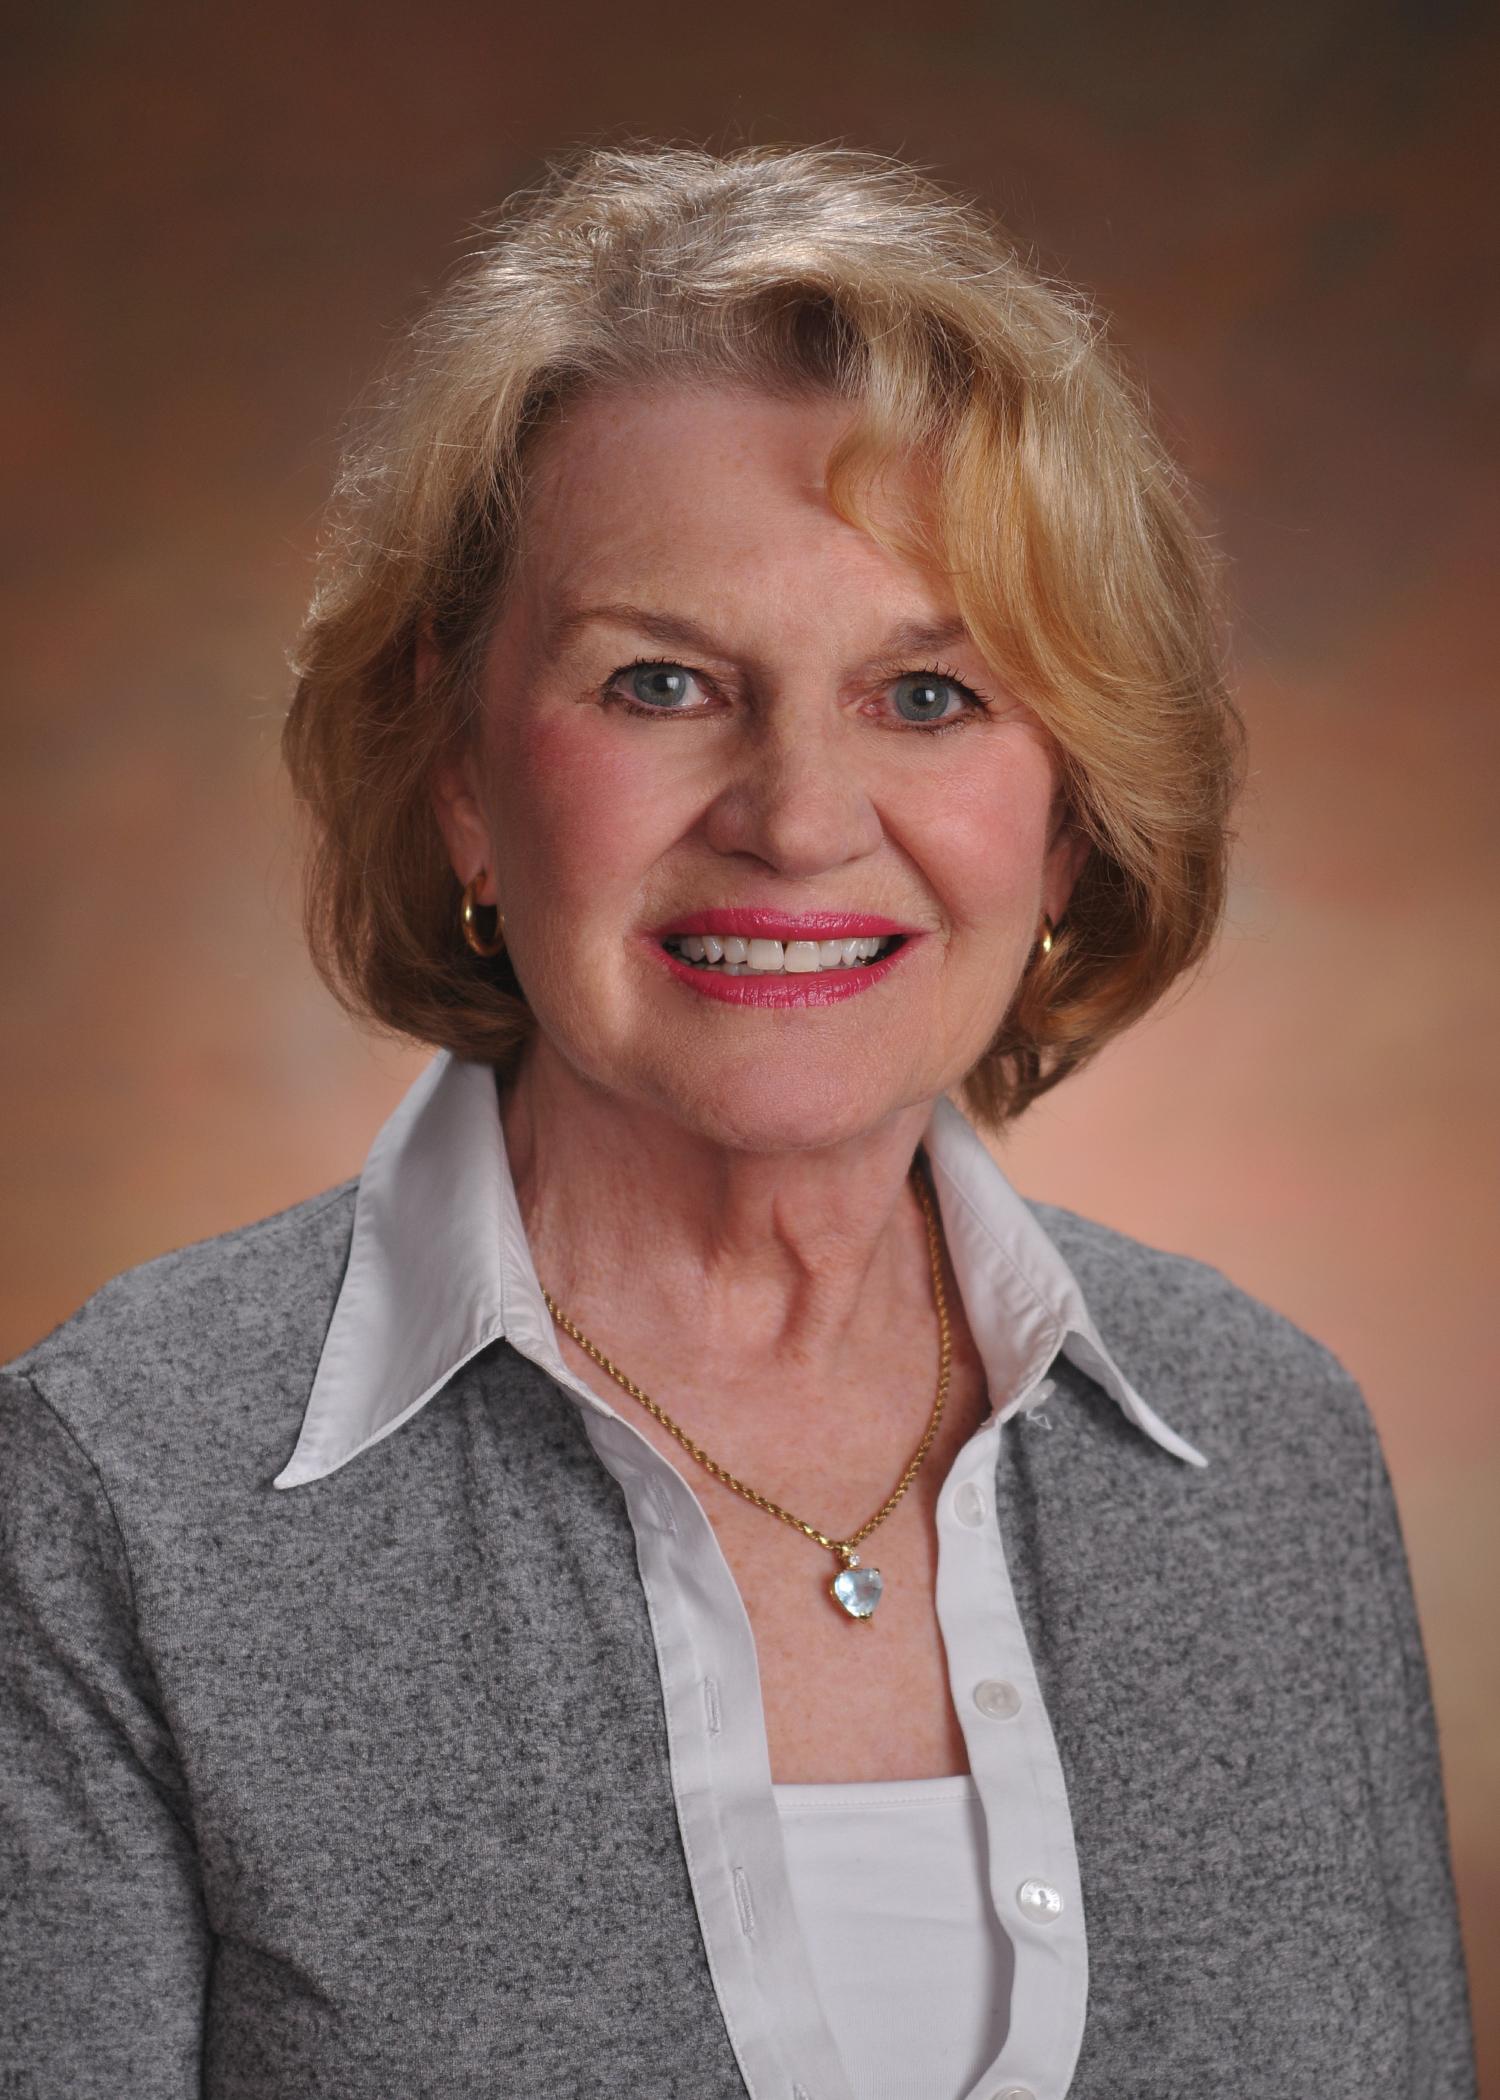 Jill Bertolet